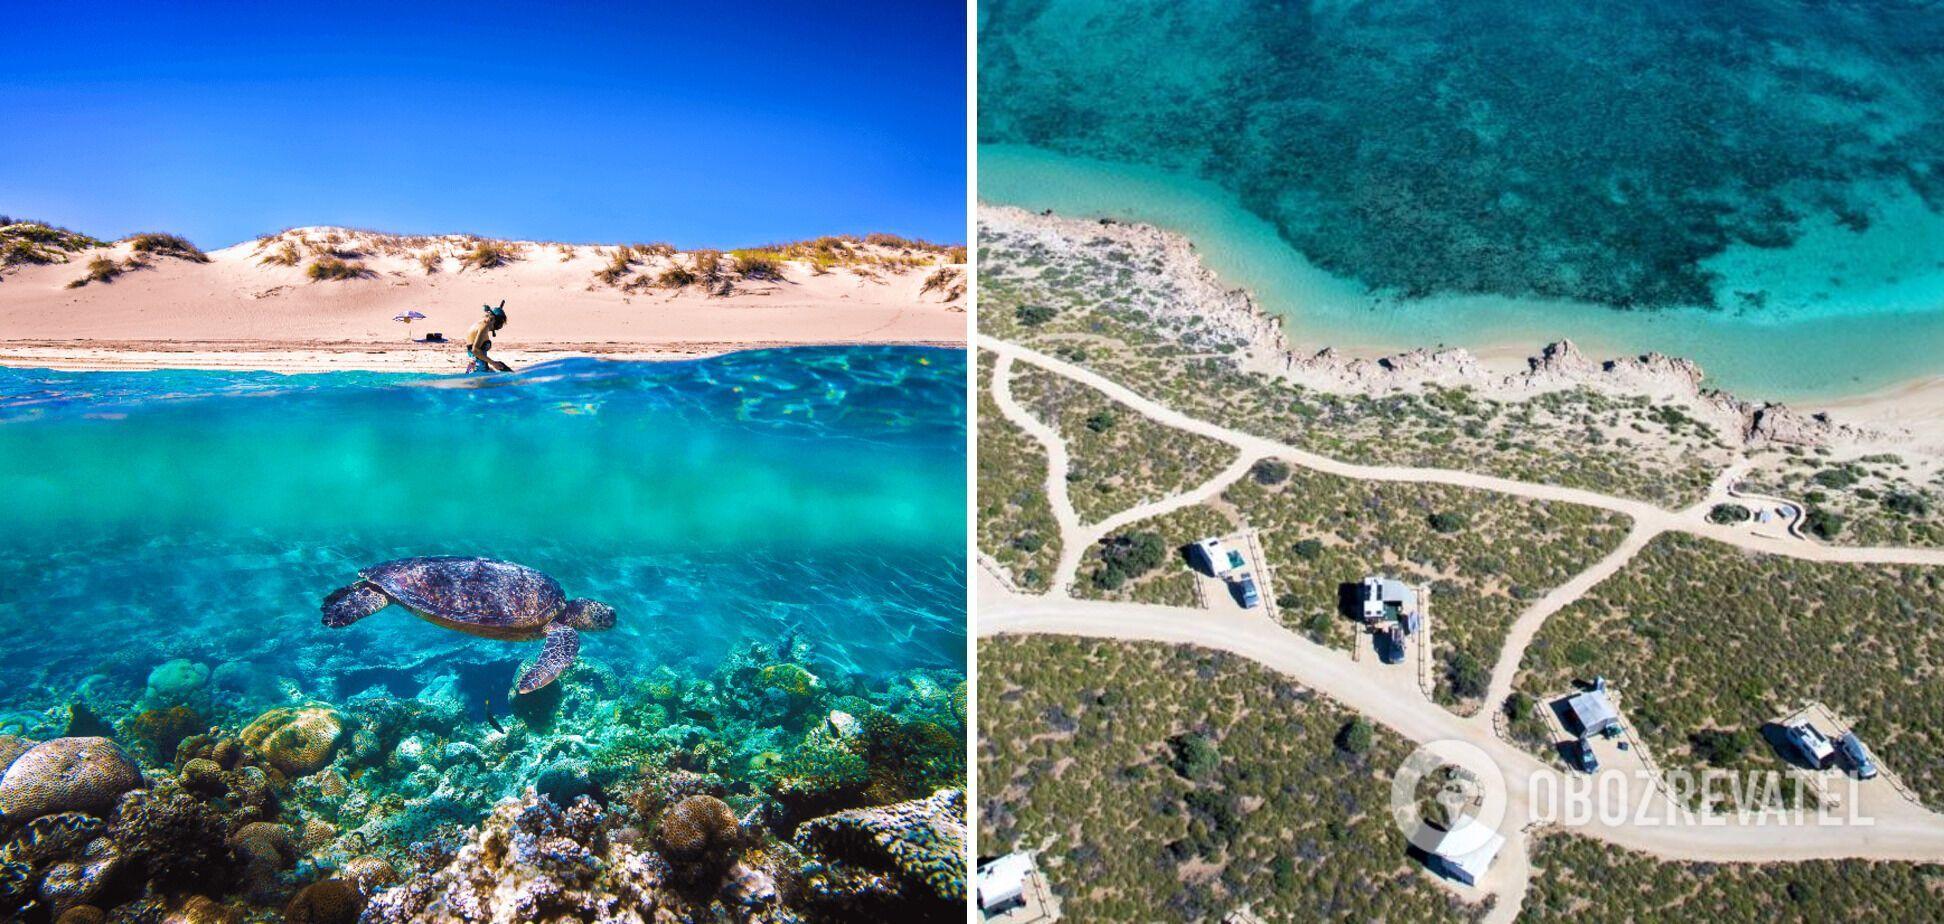 Бірюзовий залив в Австралії має різноманітний підводний світ